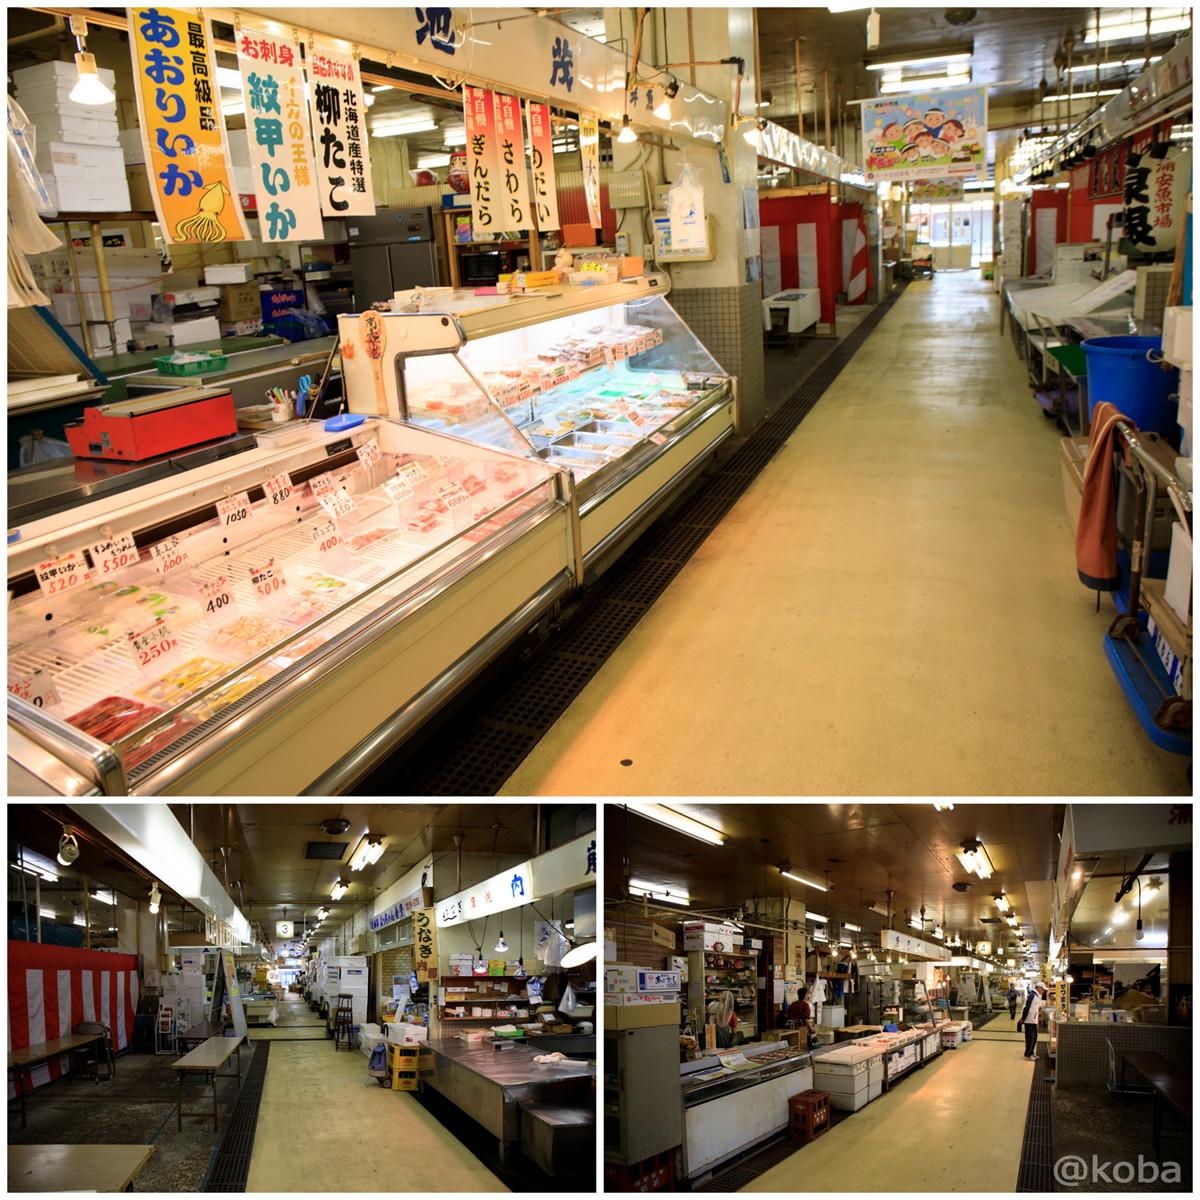 浦安魚市場内の廊下│浦安市場 味館食堂(みたてしょくどう)│和食│千葉県浦安市北栄│浦安ブログ